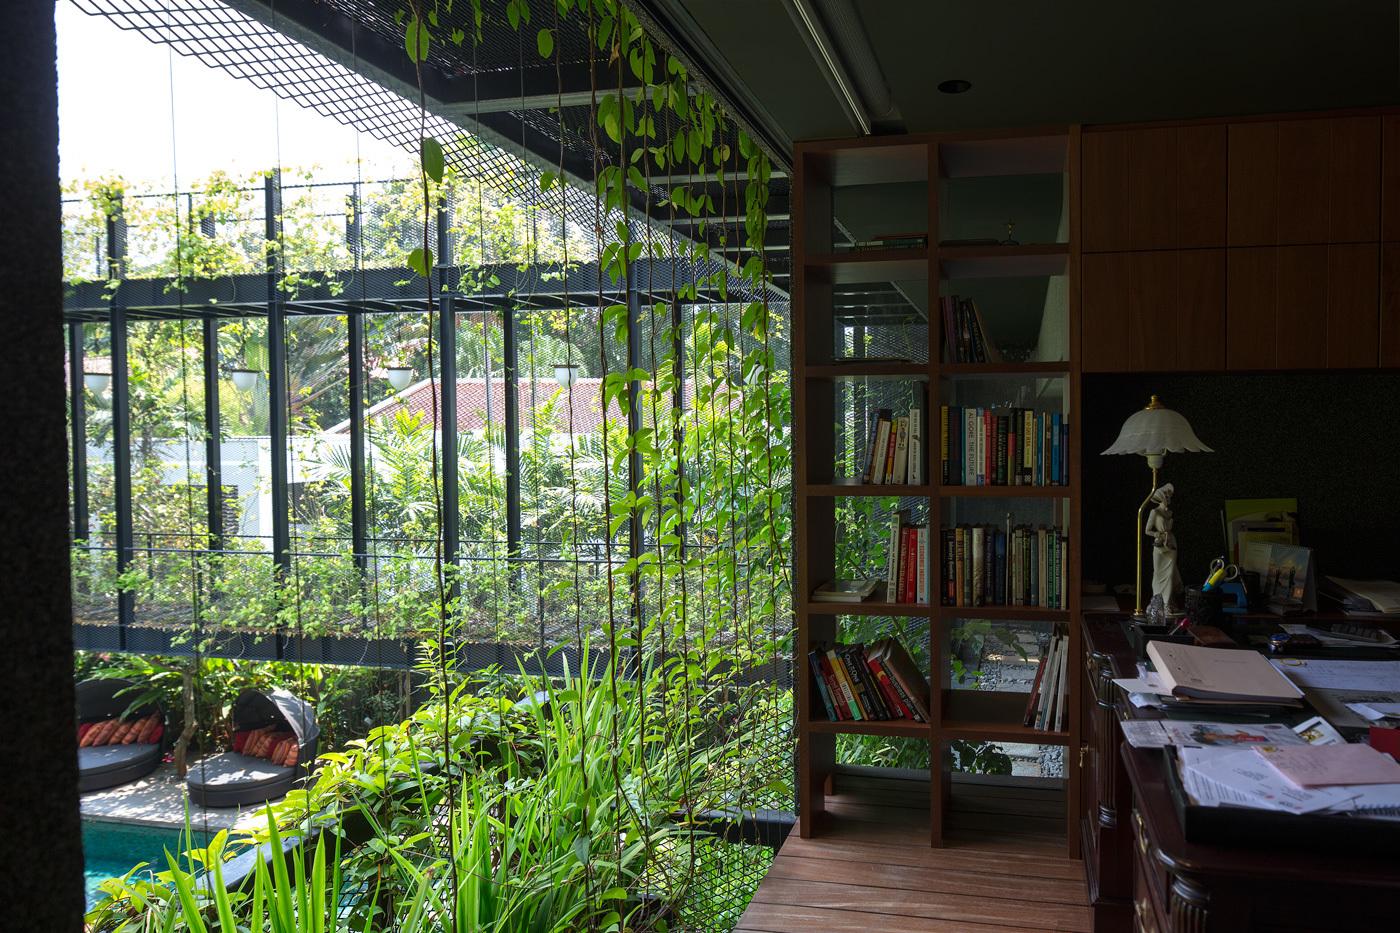 Nội thất xanh,nội thất,gỗ công nghiệp,phát triển bền vững,kiến trúc